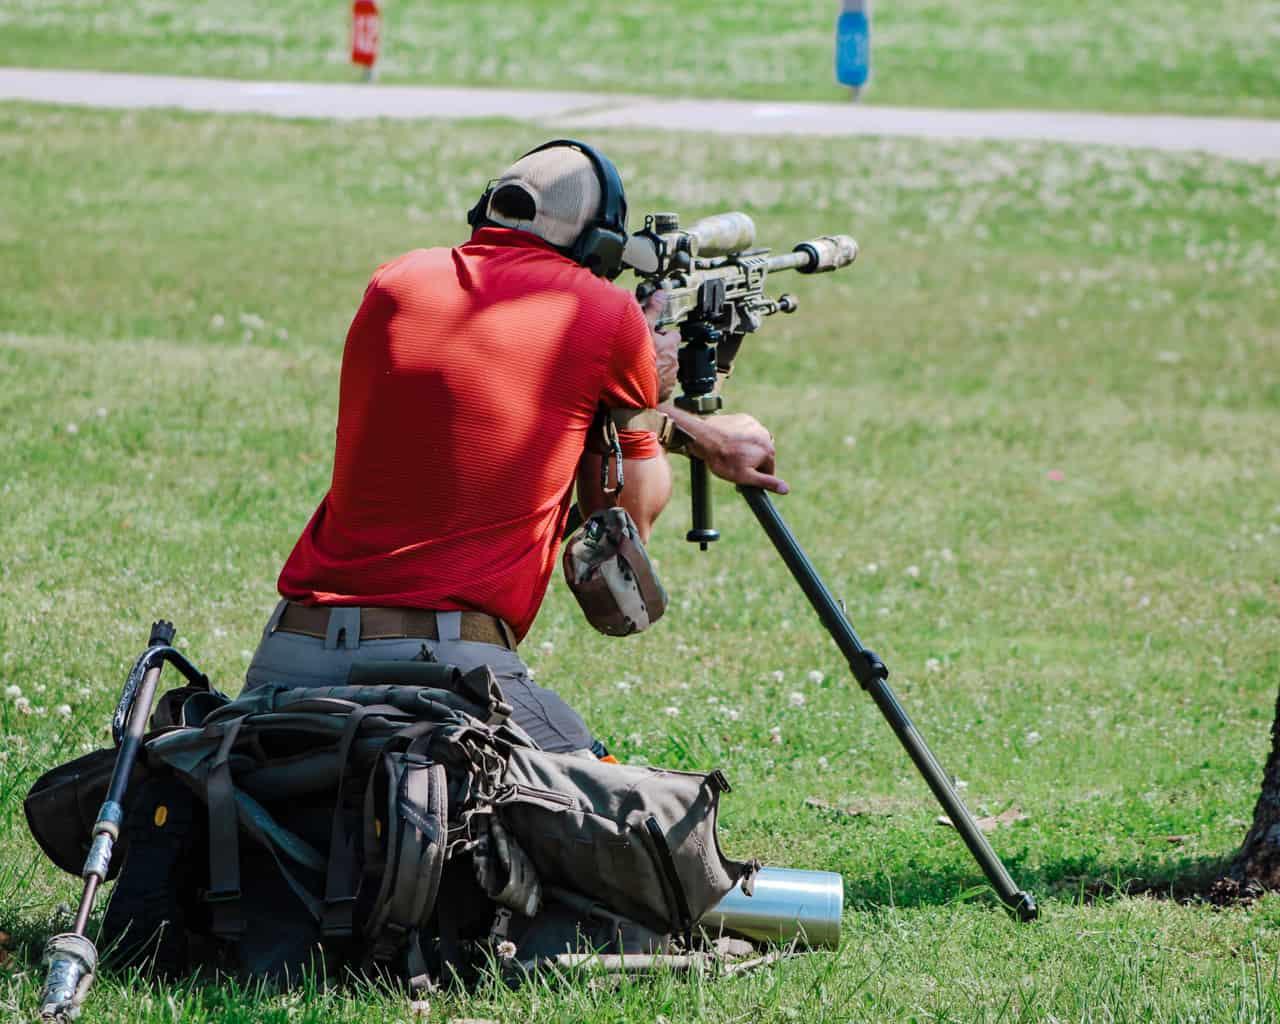 police-sniper-tripod-utilization-course-11